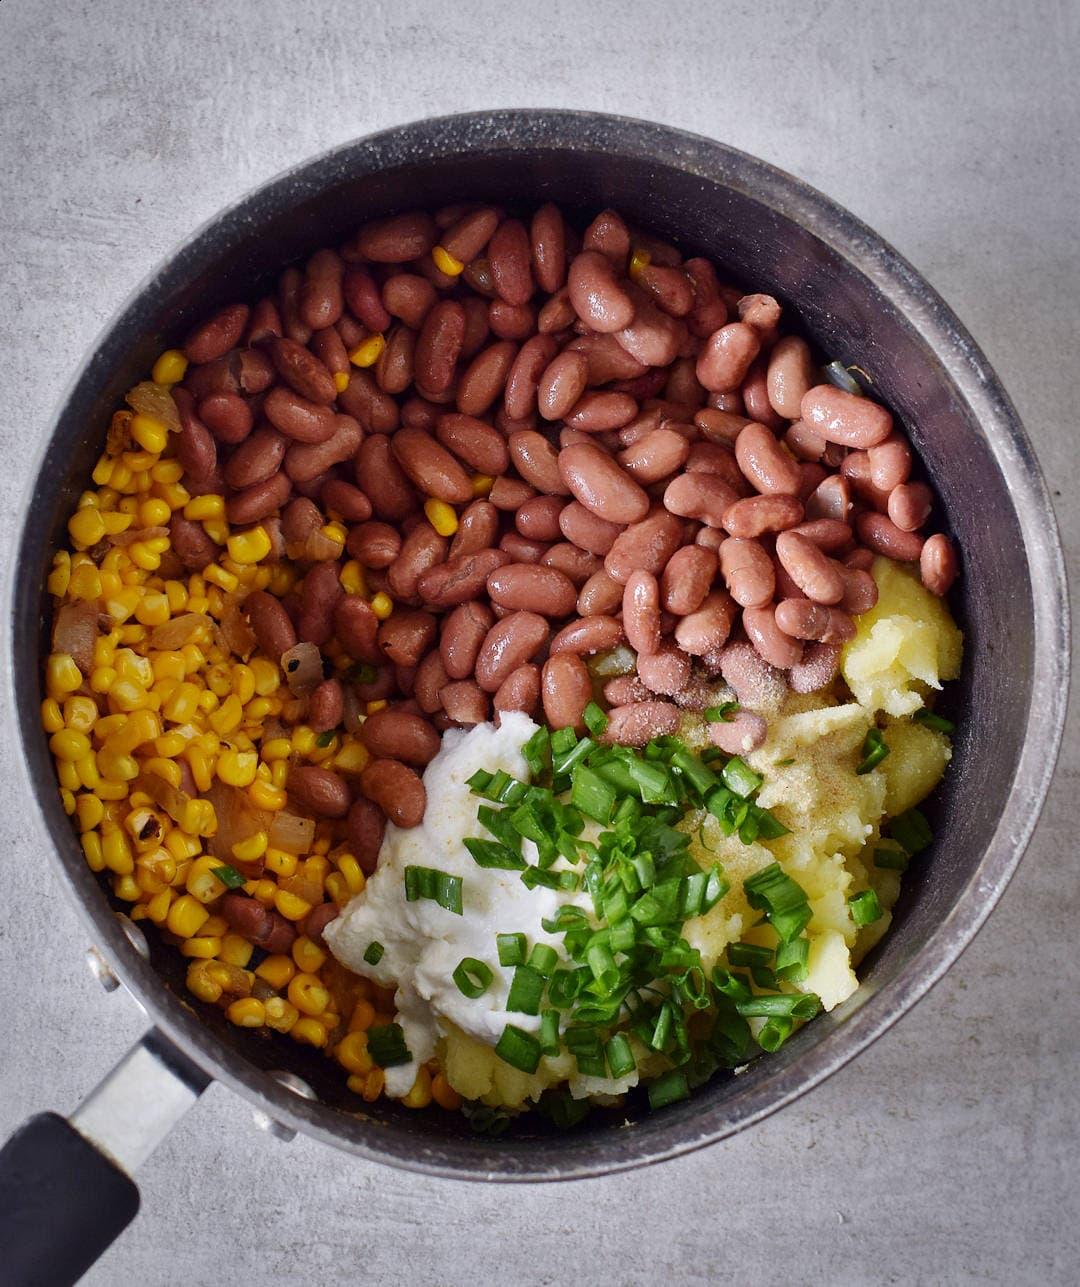 Gemüse und Bohnen für gefüllte Ofenkartoffeln in einem Topf